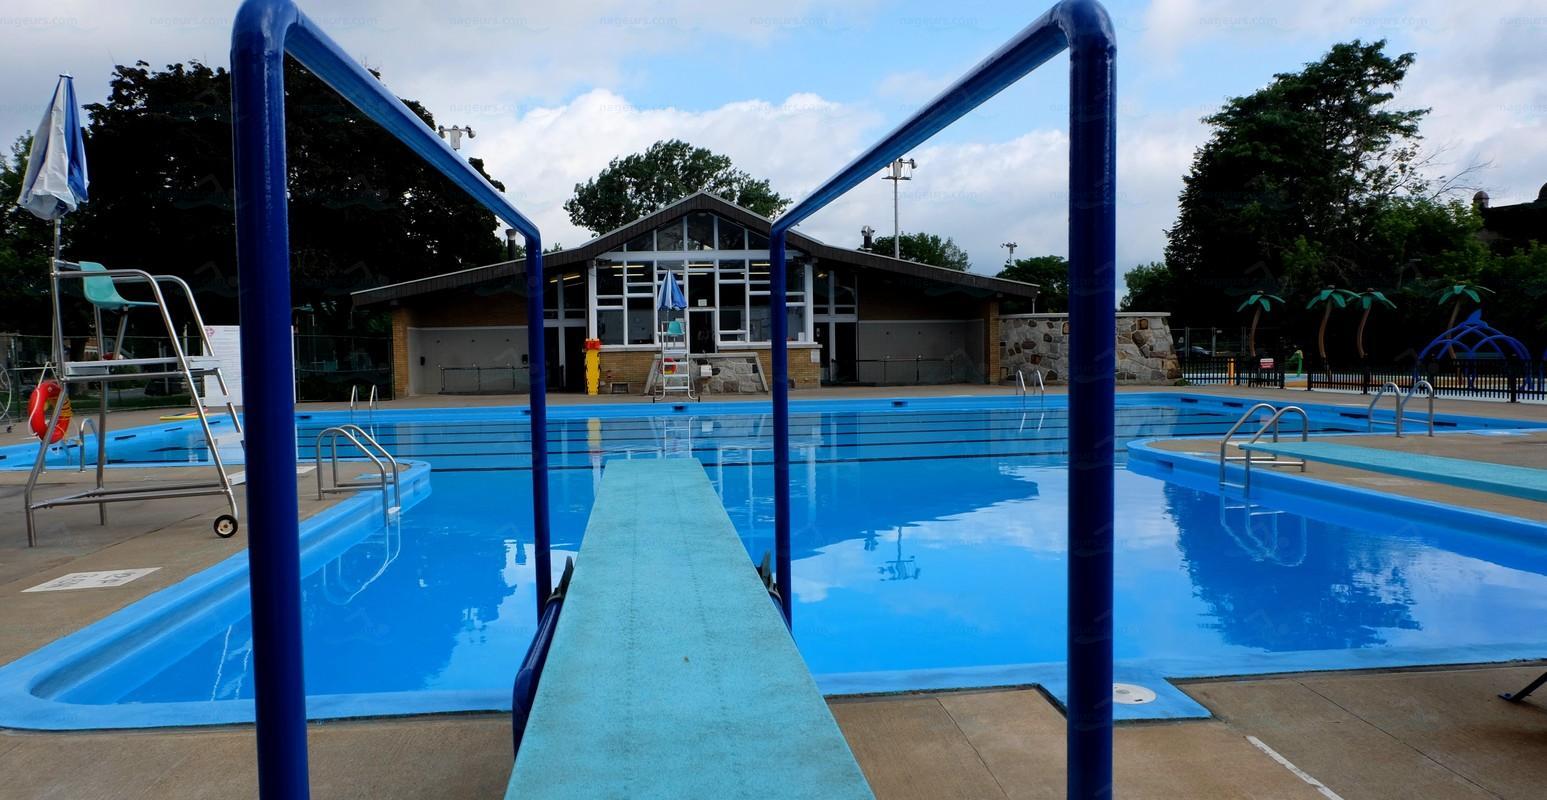 Annuaire des piscines canada piscines for Piscine 50m montreal